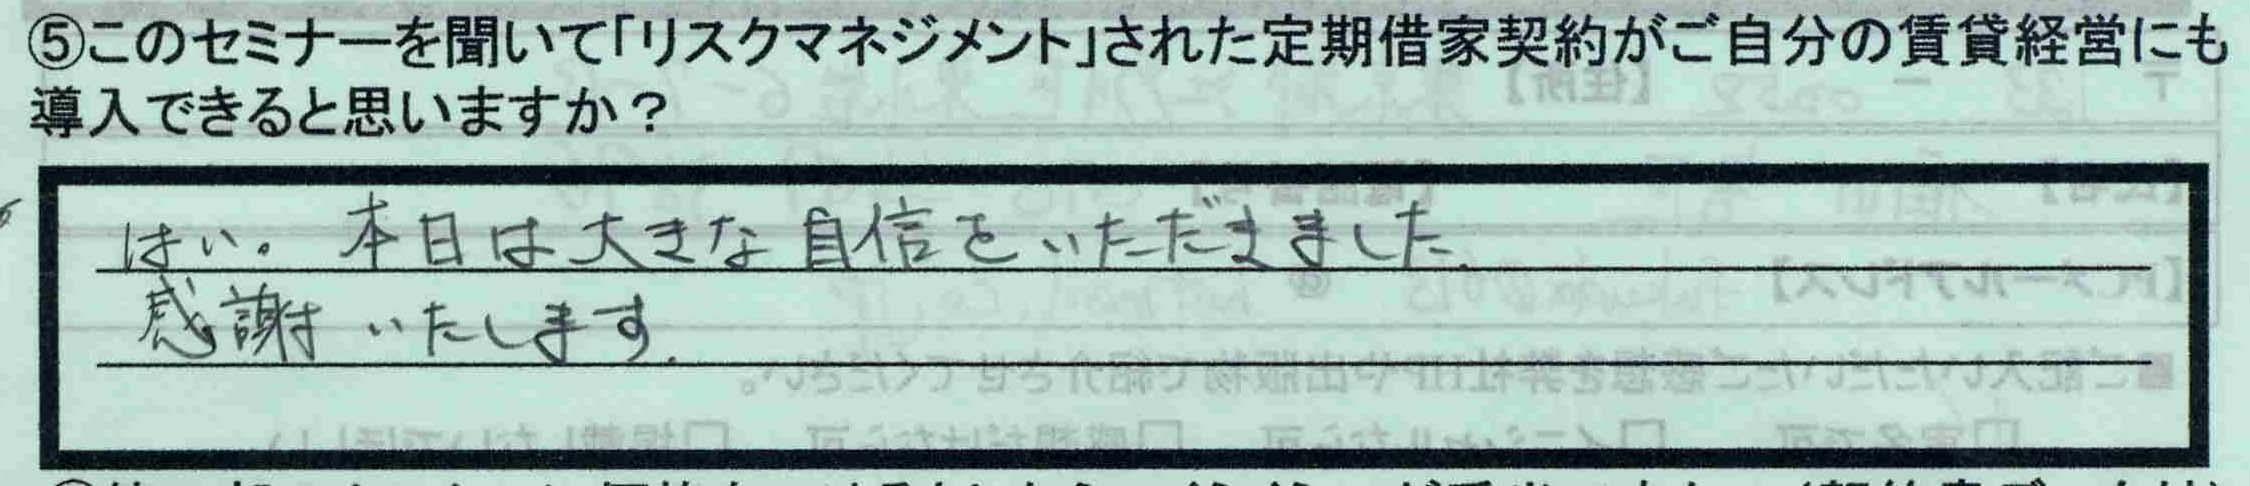 【東京都江戸川区】【福田智匡さん】【導入できるか?】